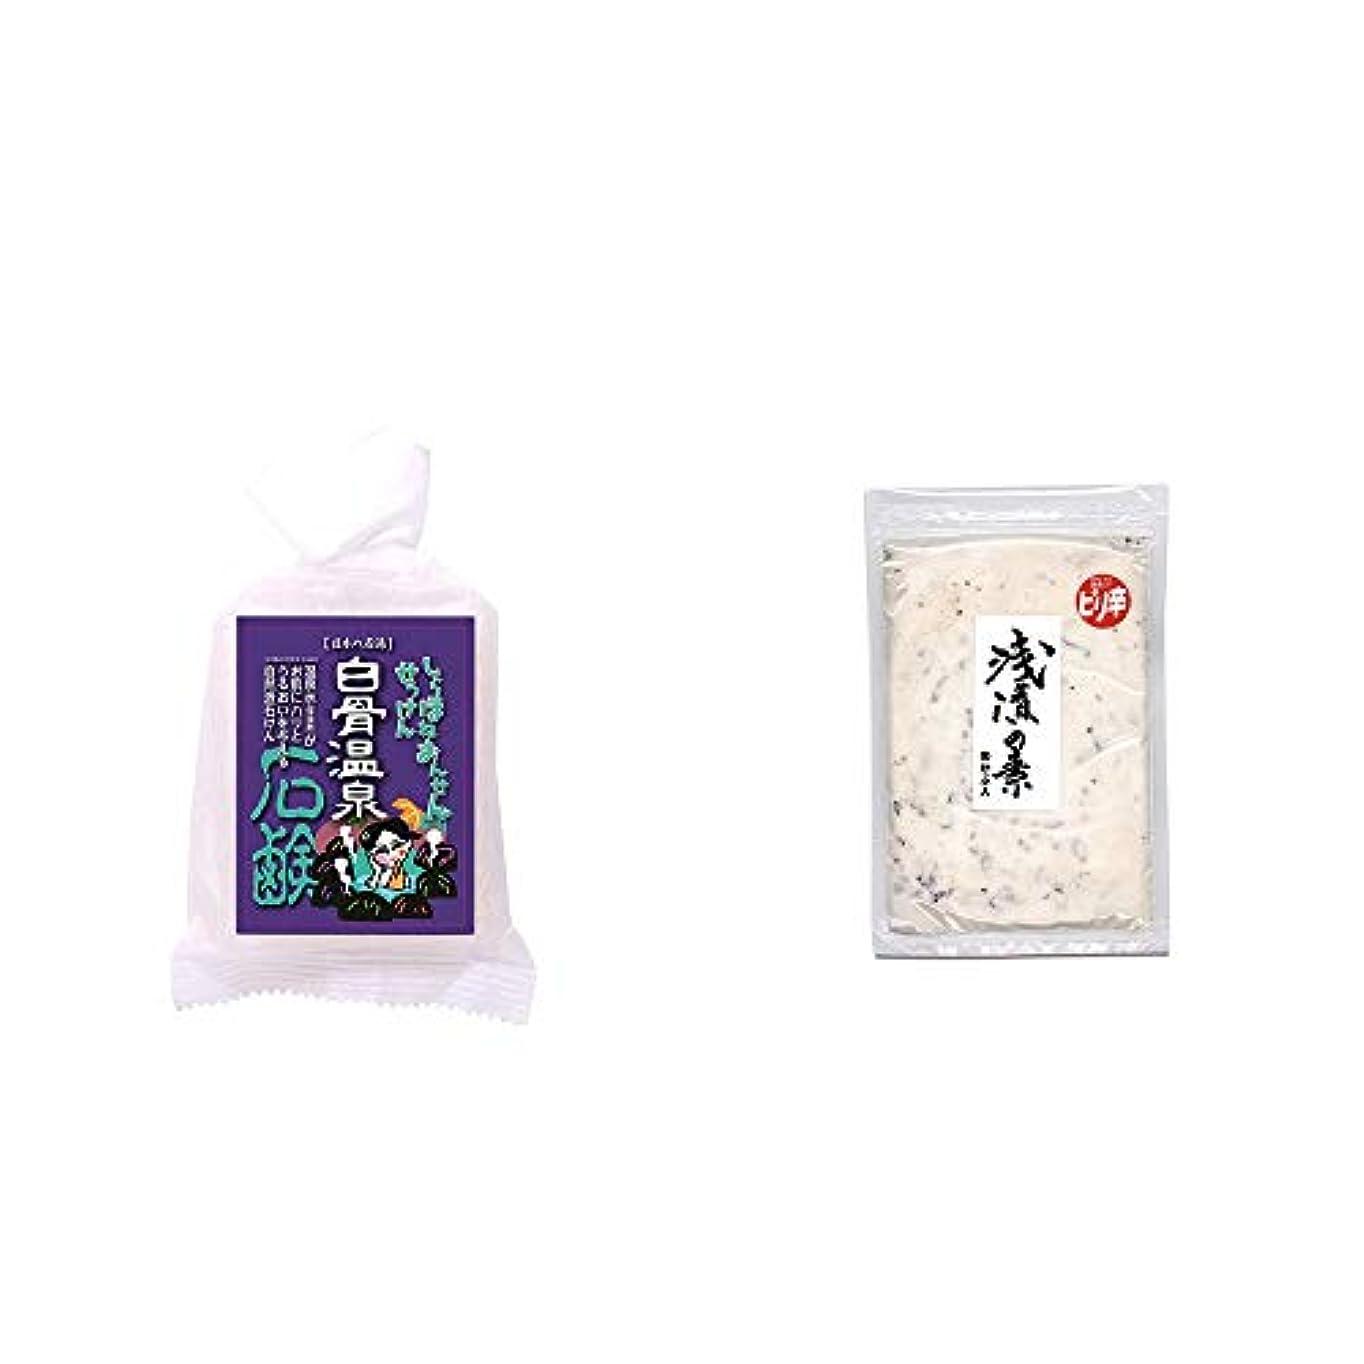 シネウィめ言葉朝[2点セット] 信州 白骨温泉石鹸(80g)?浅漬けの素[小](150g)